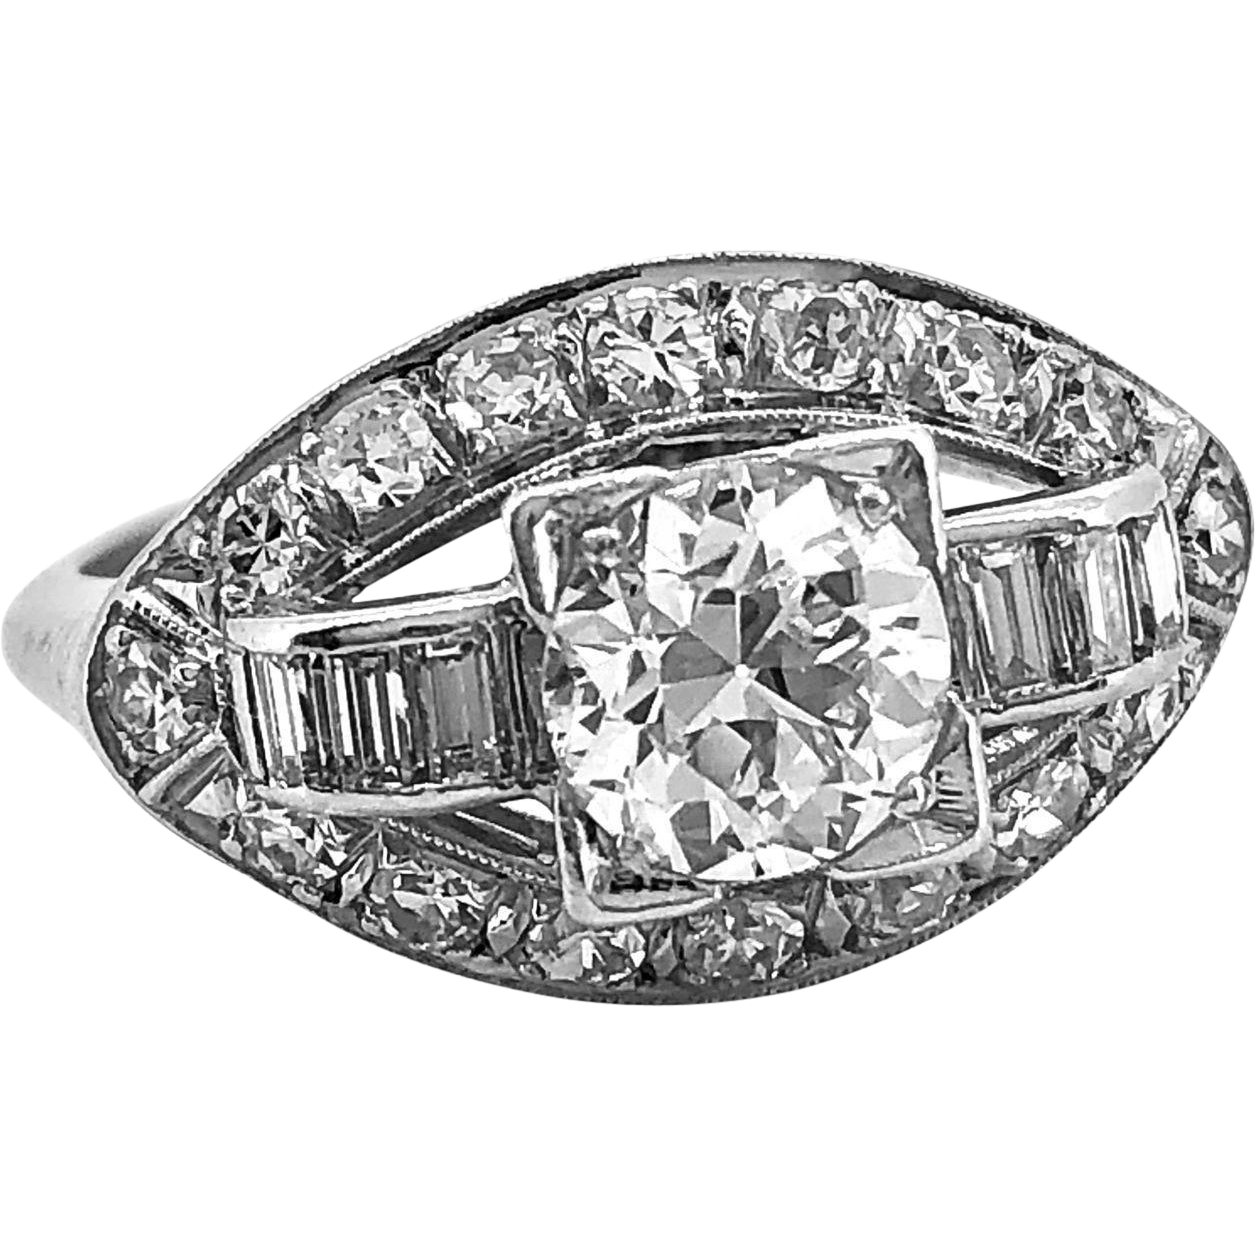 Antique Engagement Ring 1.00ct. Diamond & Platinum Art Deco - J35805